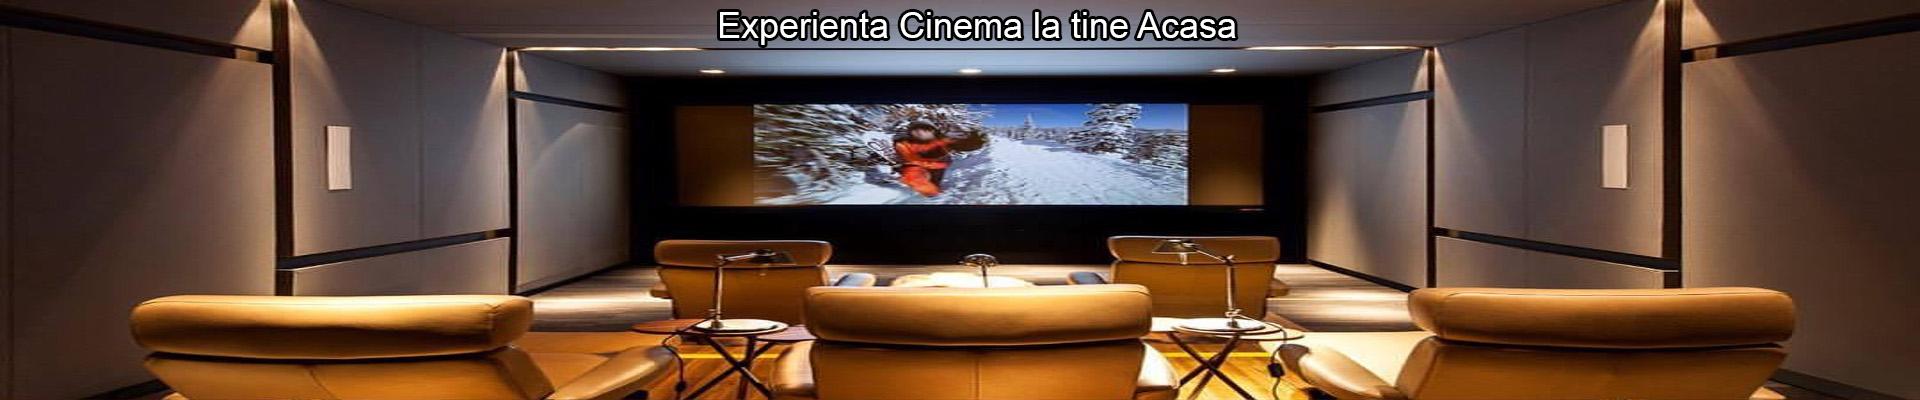 Experienta Cinema la tine Acasa